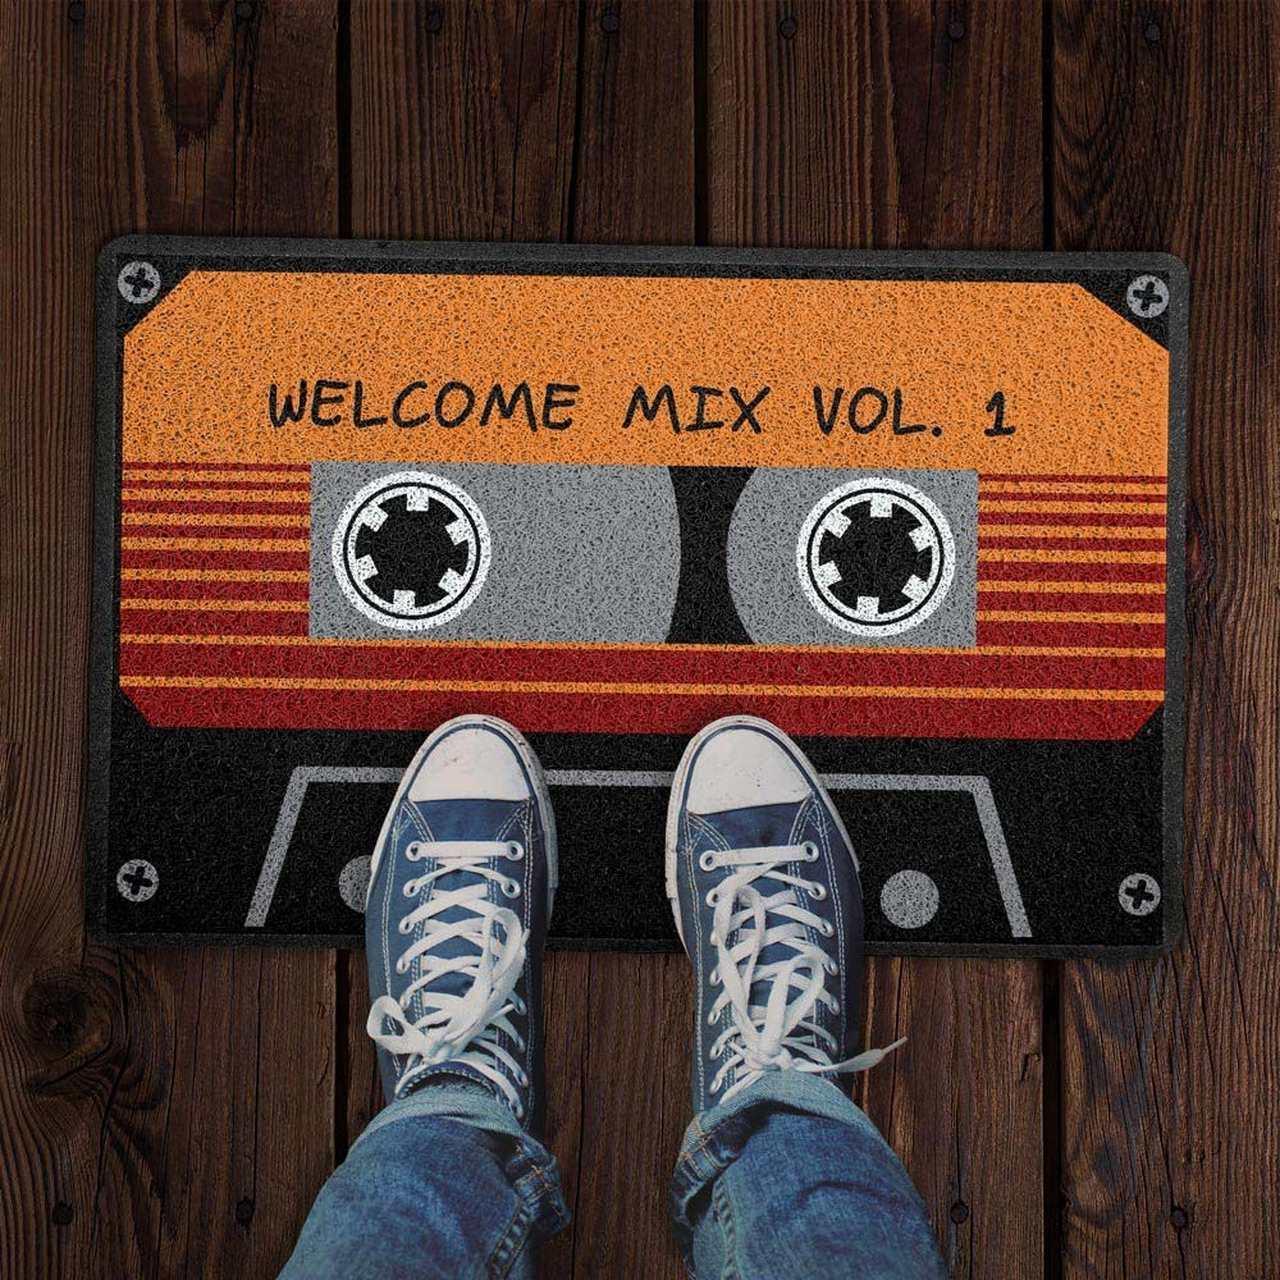 Capacho Guardiões da Galáxia Welcome Mix Vol. 1 60x40 cm